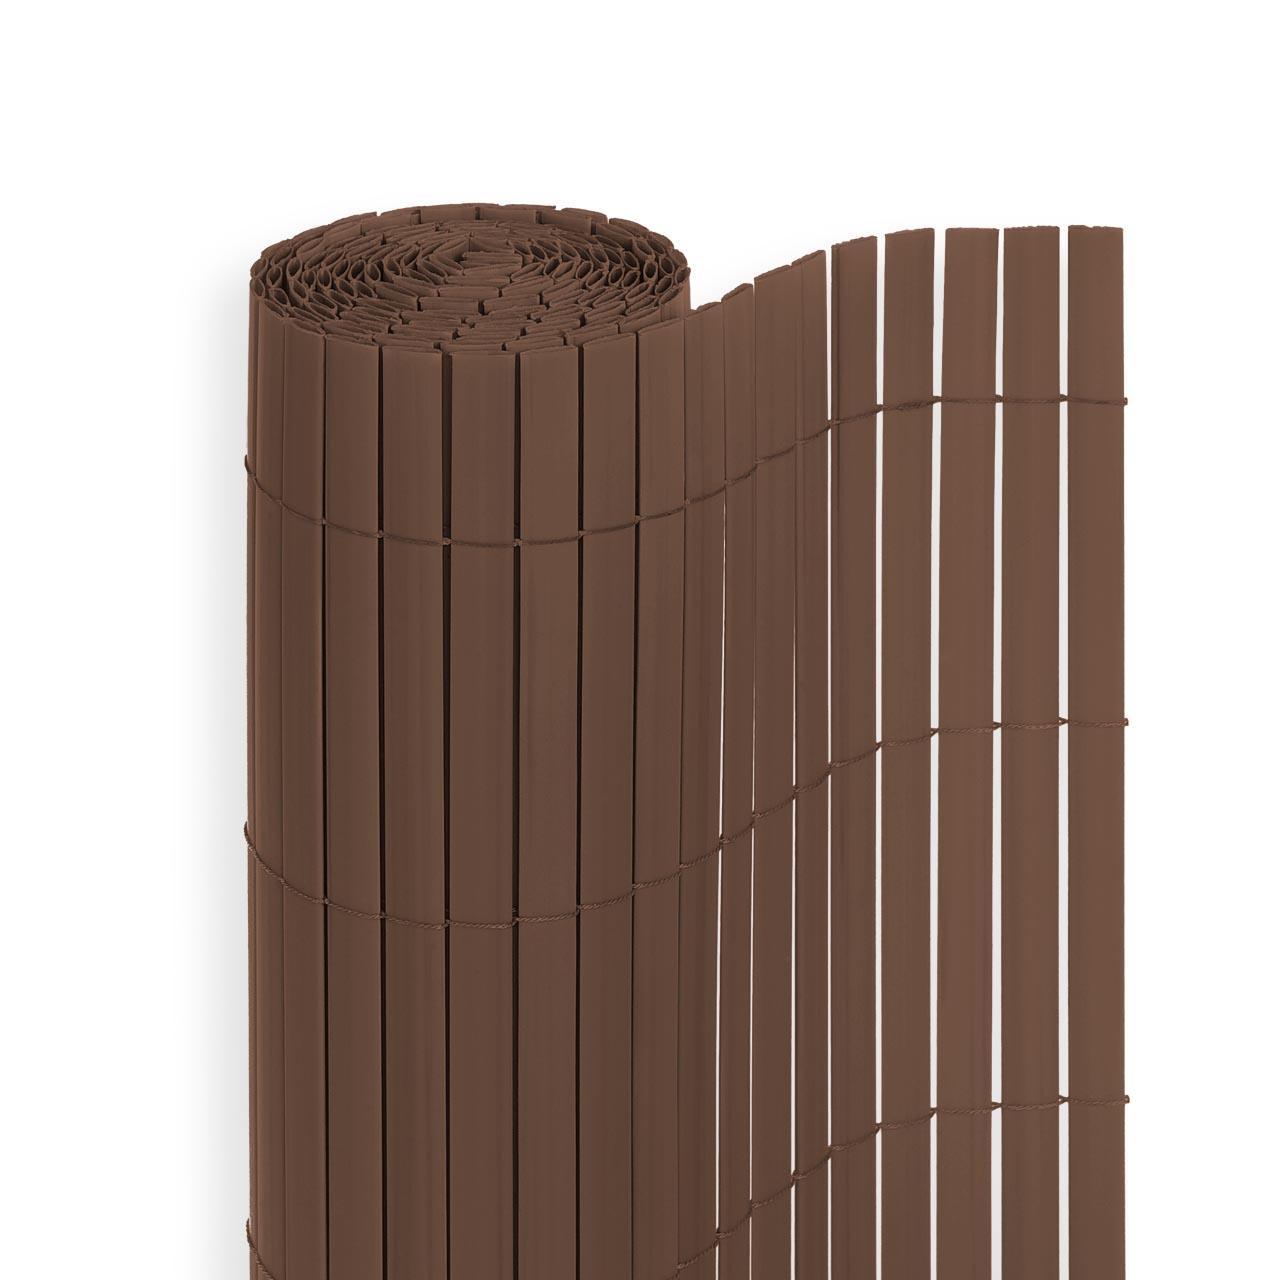 pvc sichtschutzmatte sichtschutz zaun matte windschutz balkon markise blende. Black Bedroom Furniture Sets. Home Design Ideas